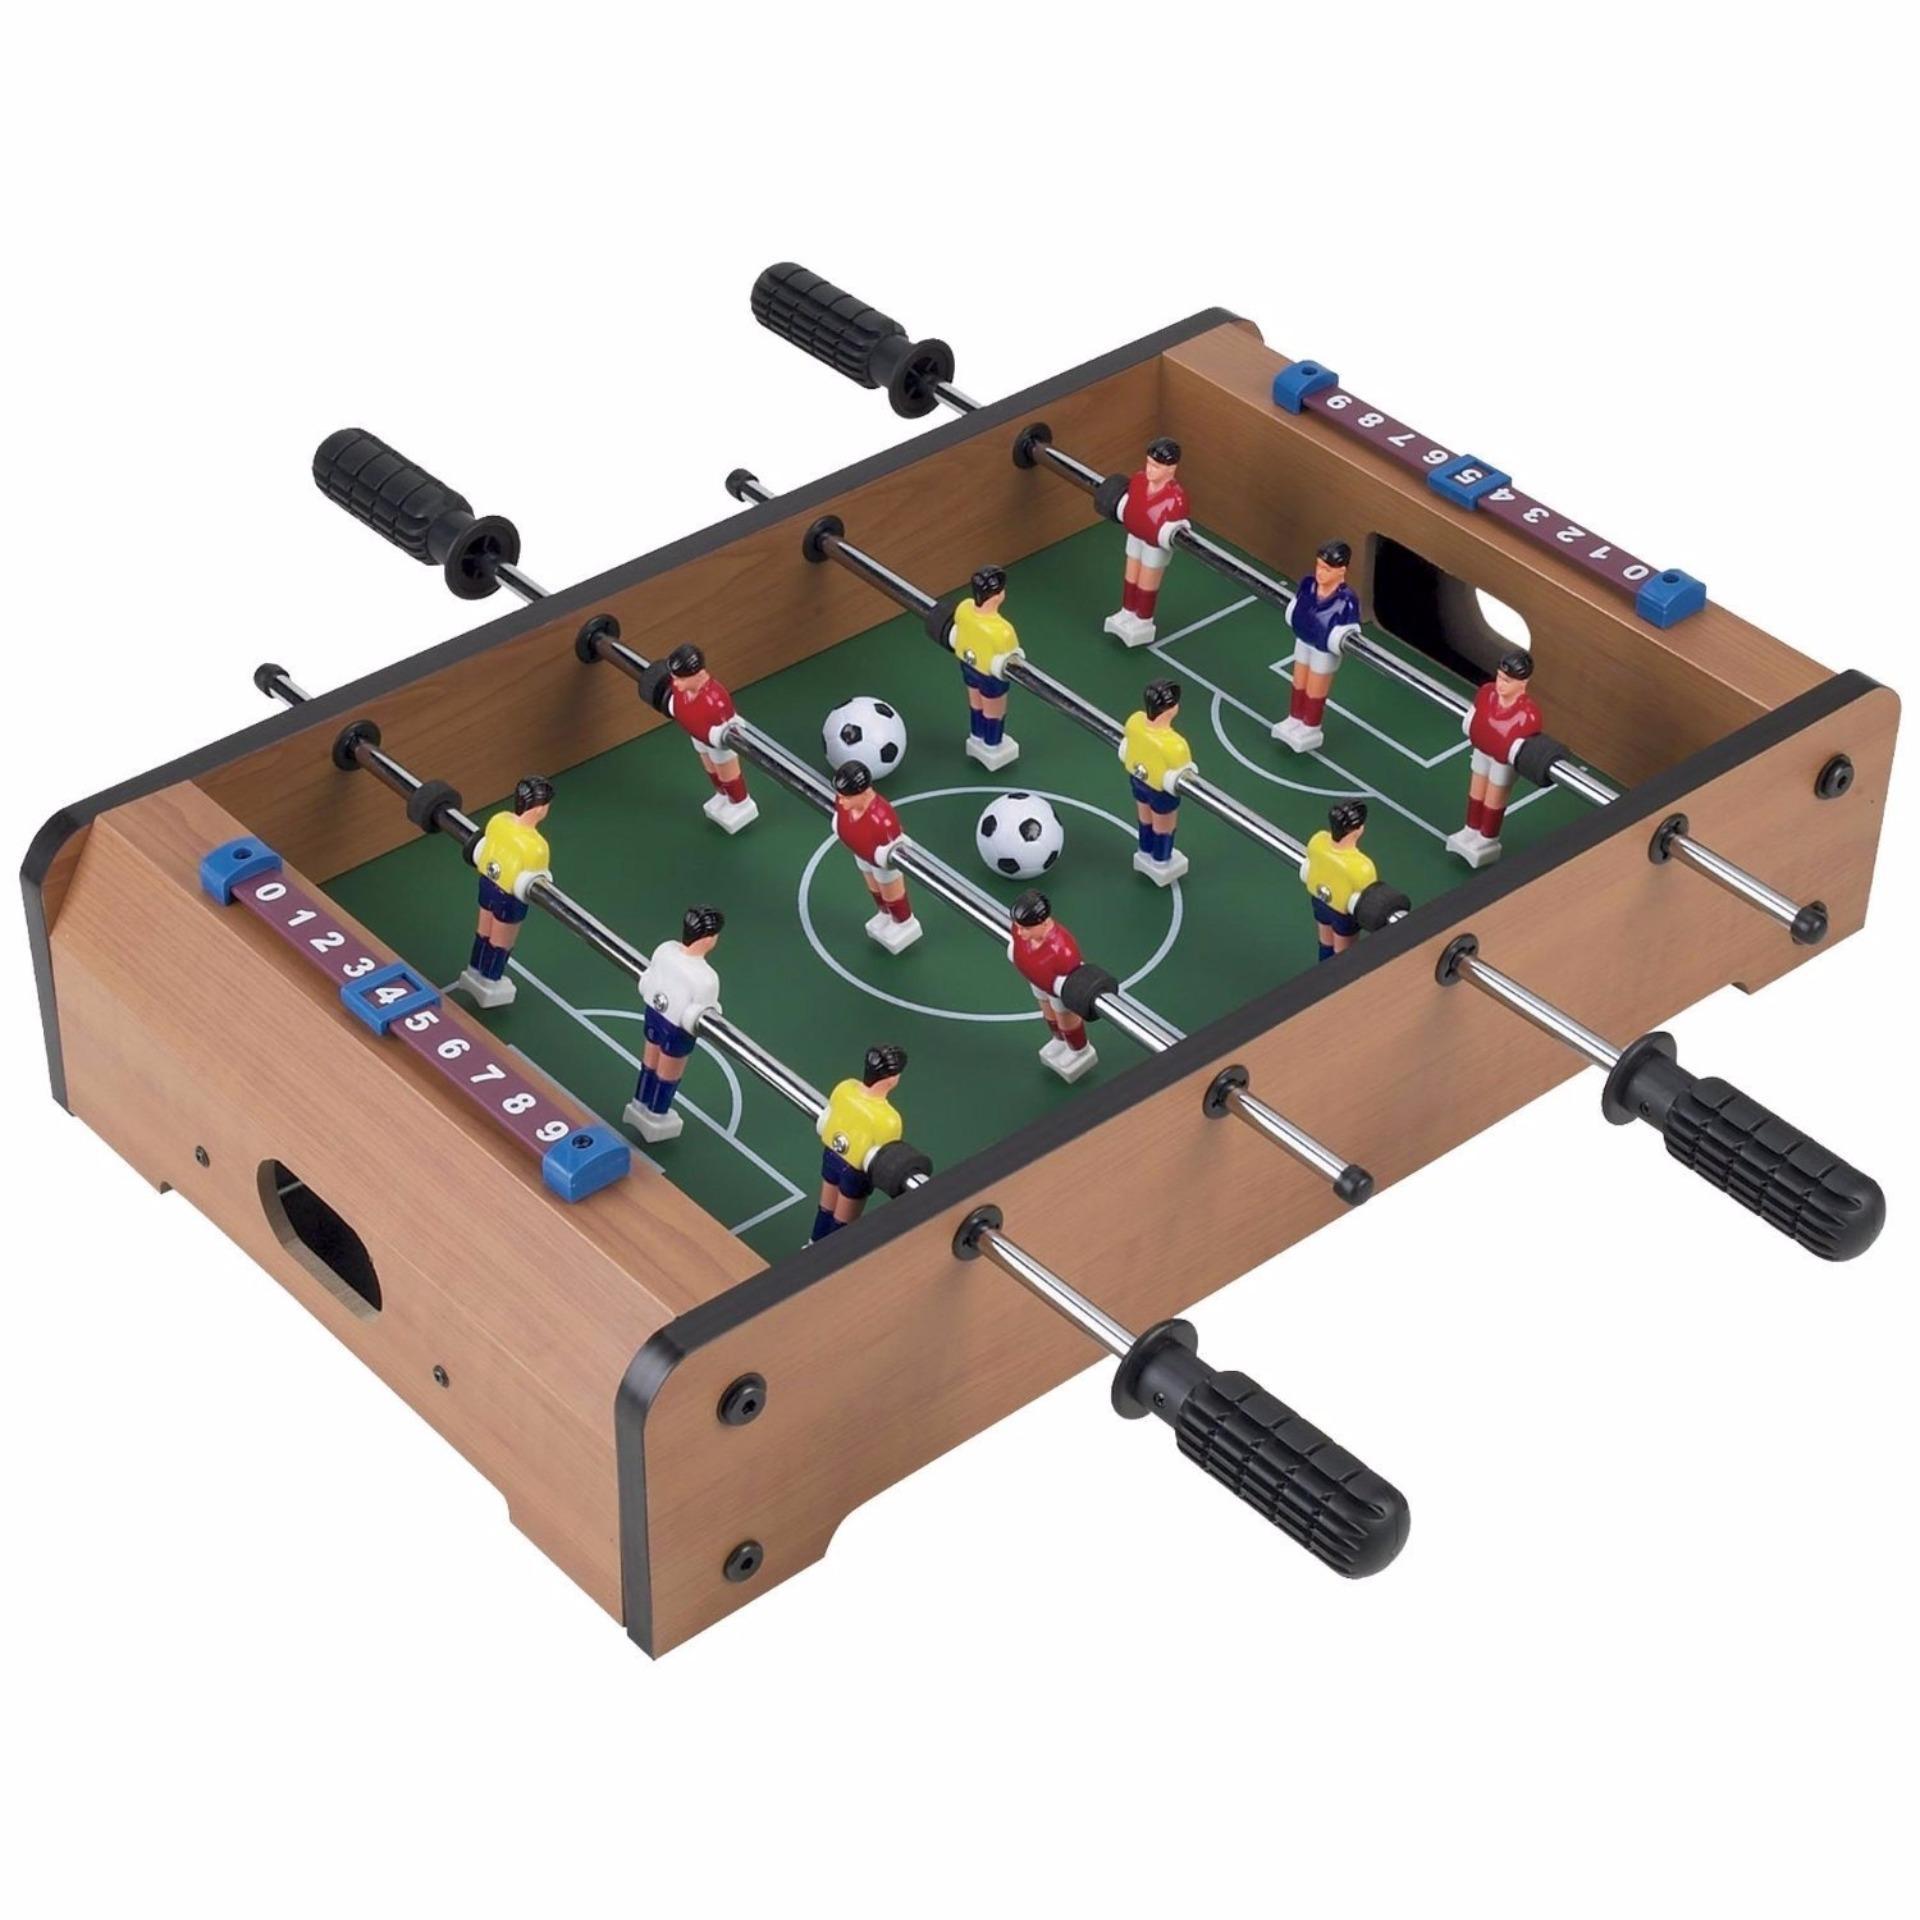 Đồ chơi bàn bi lắc bóng đá Table Top Foosball (Gỗ)